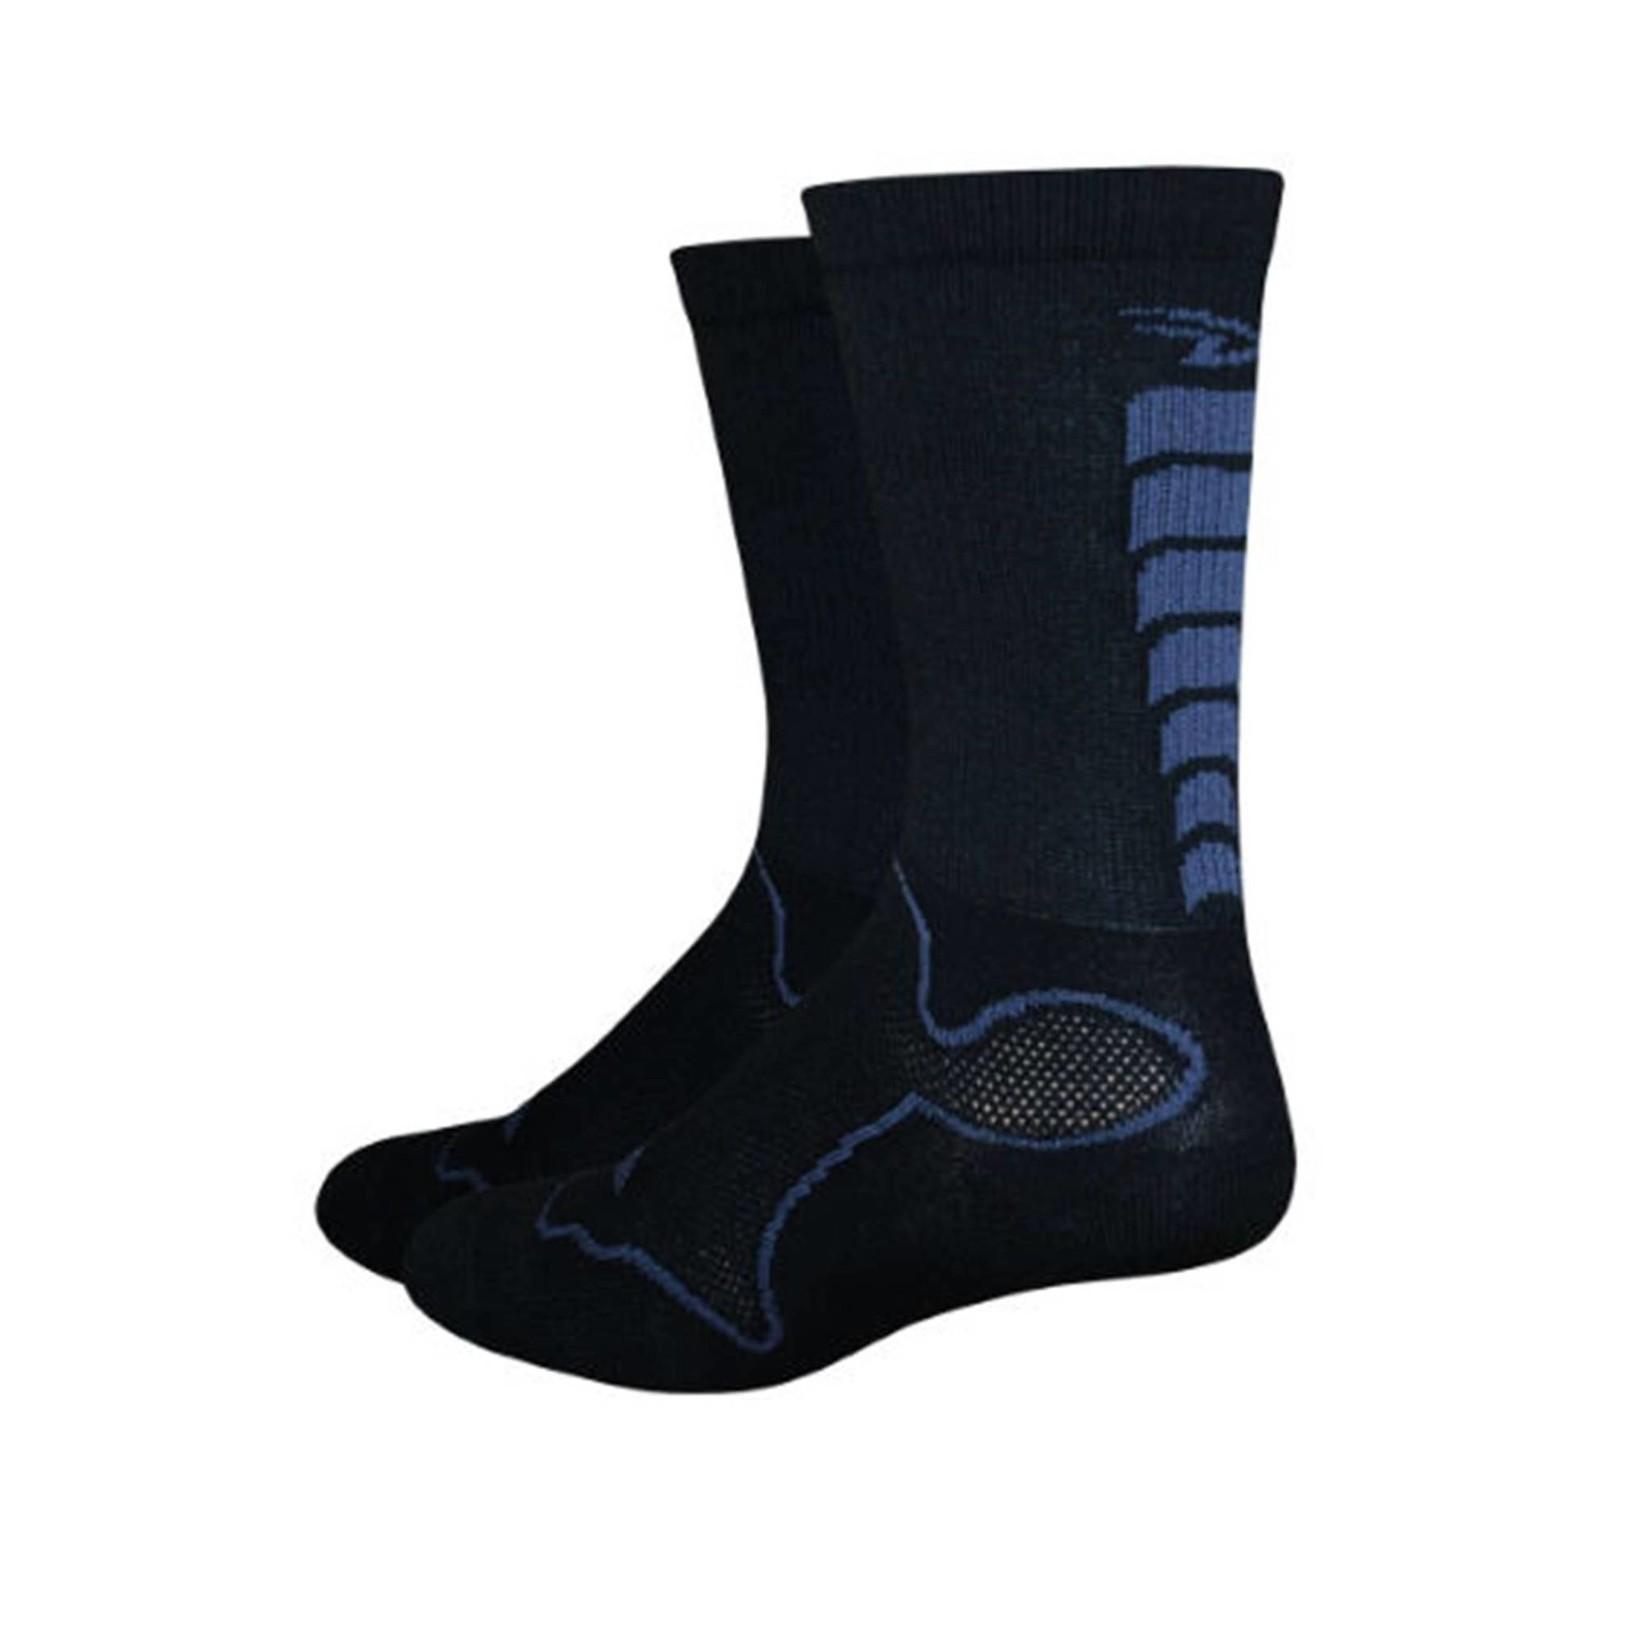 DeFeet Levitator Trail Sock Black/Grey XL